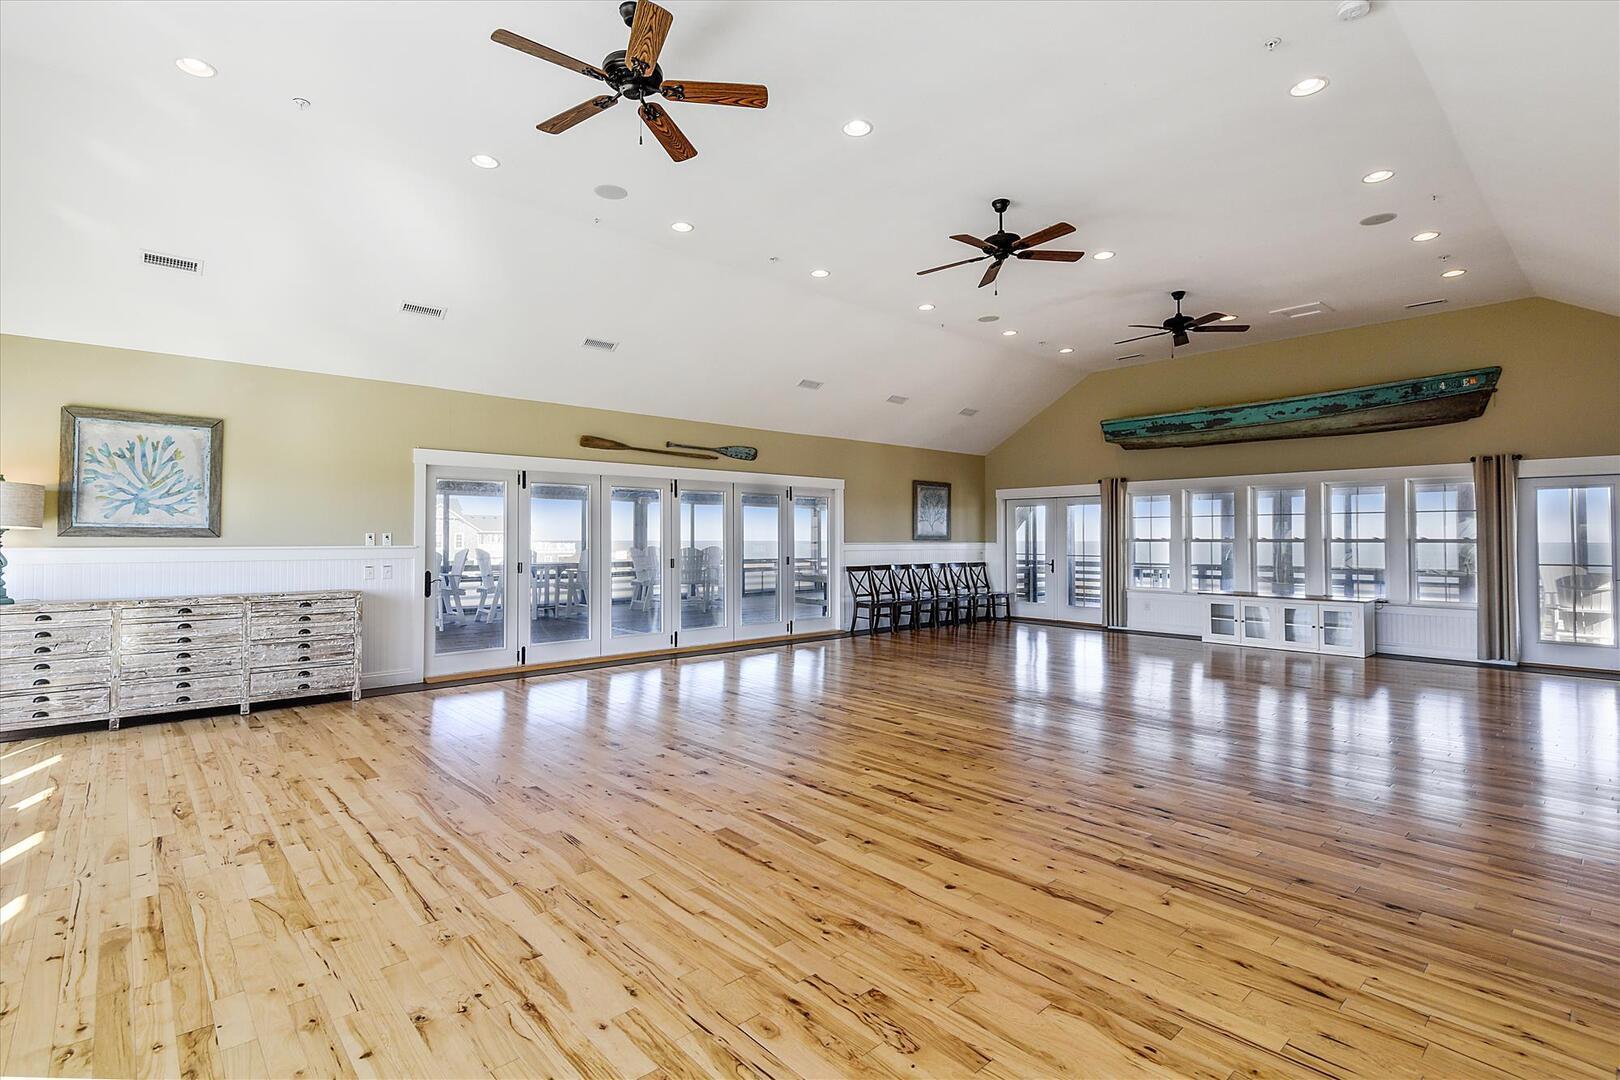 Upper Level,Ballroom/Dining Area,